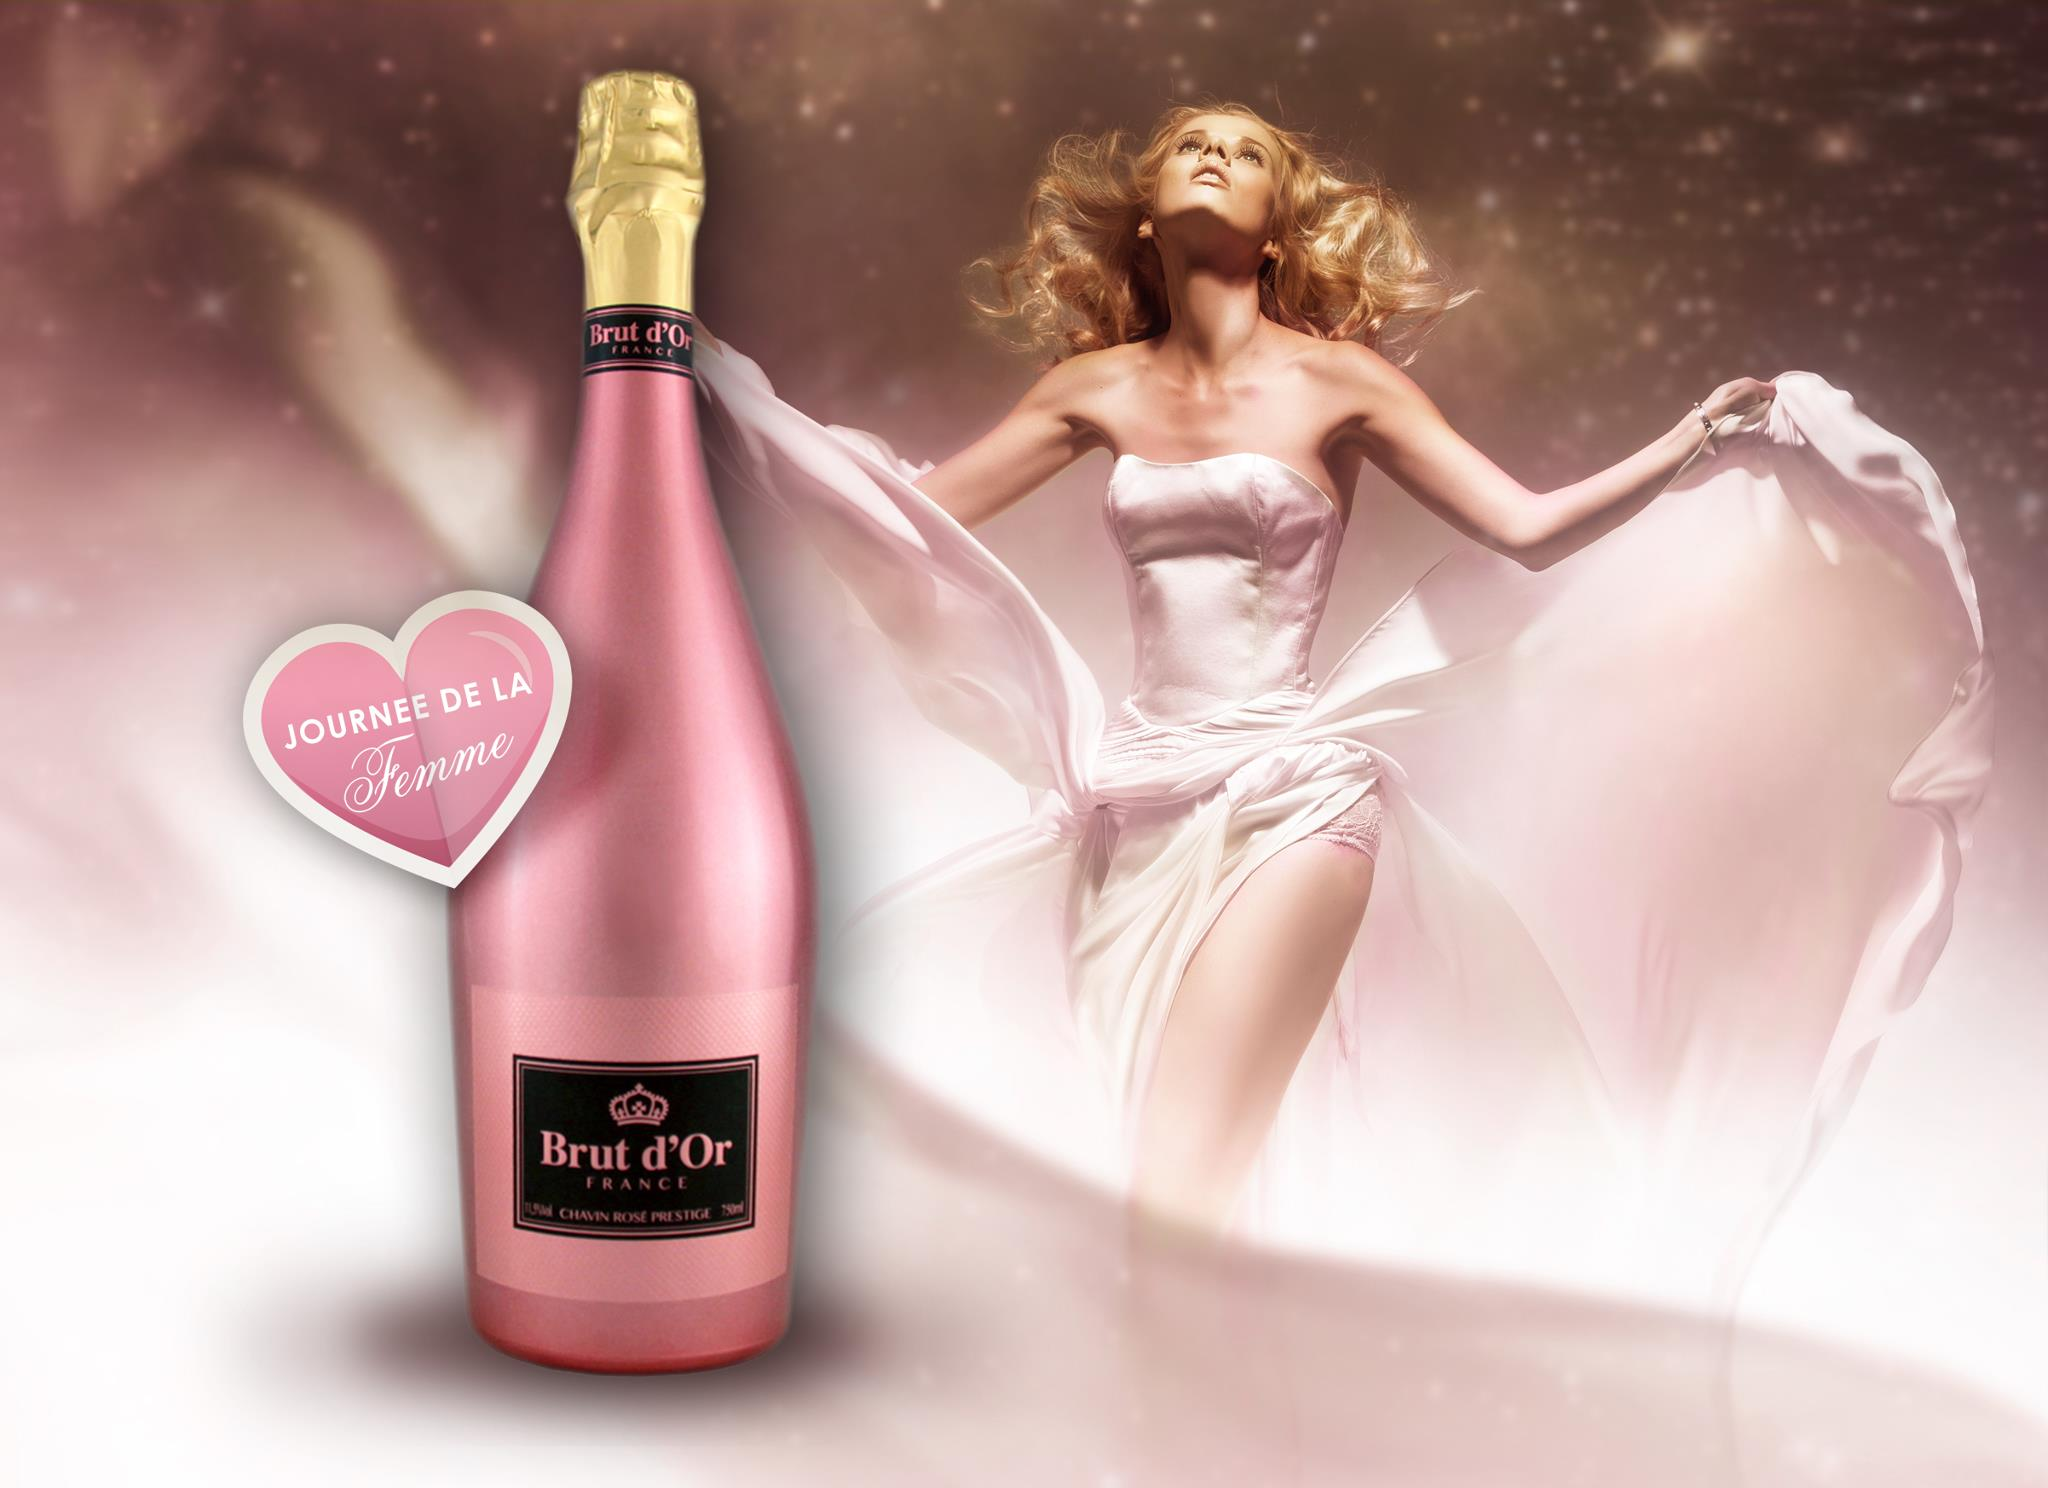 Brut d'or Pink